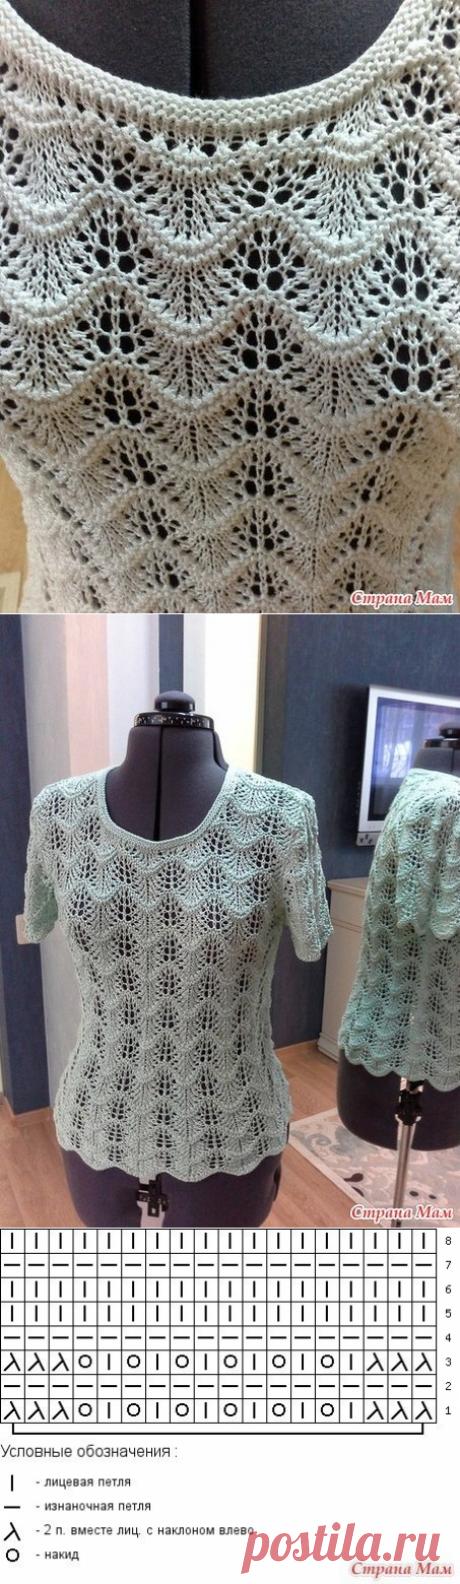 Вязание-спицы-ТОПЫ и кофточки с коротким рукавом